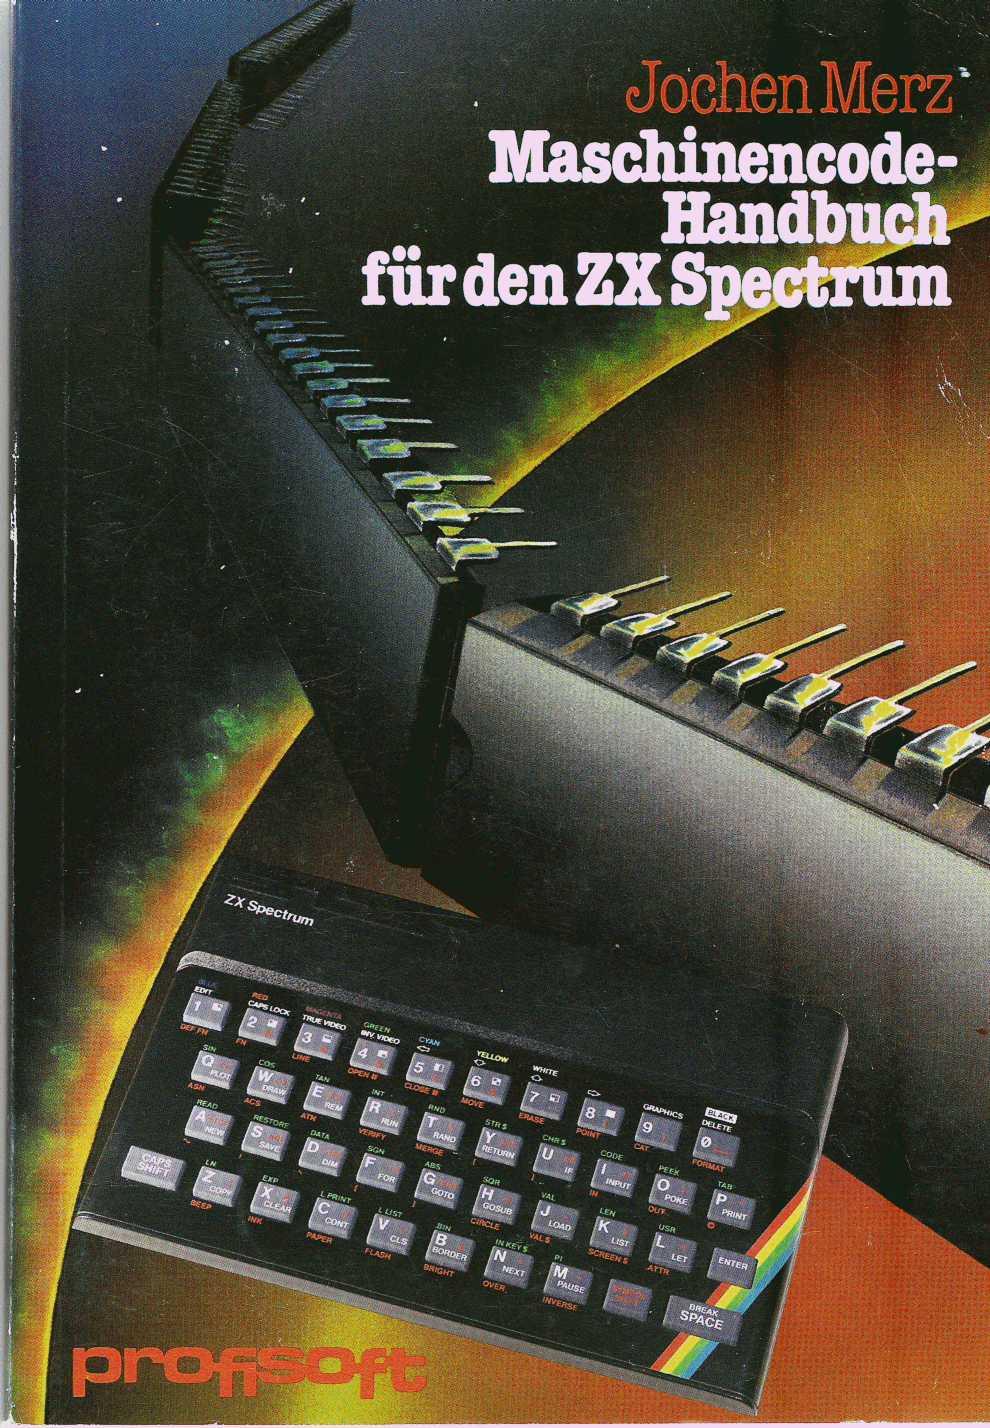 Maschinencode-Handbuch fur den ZX Spectrum screen